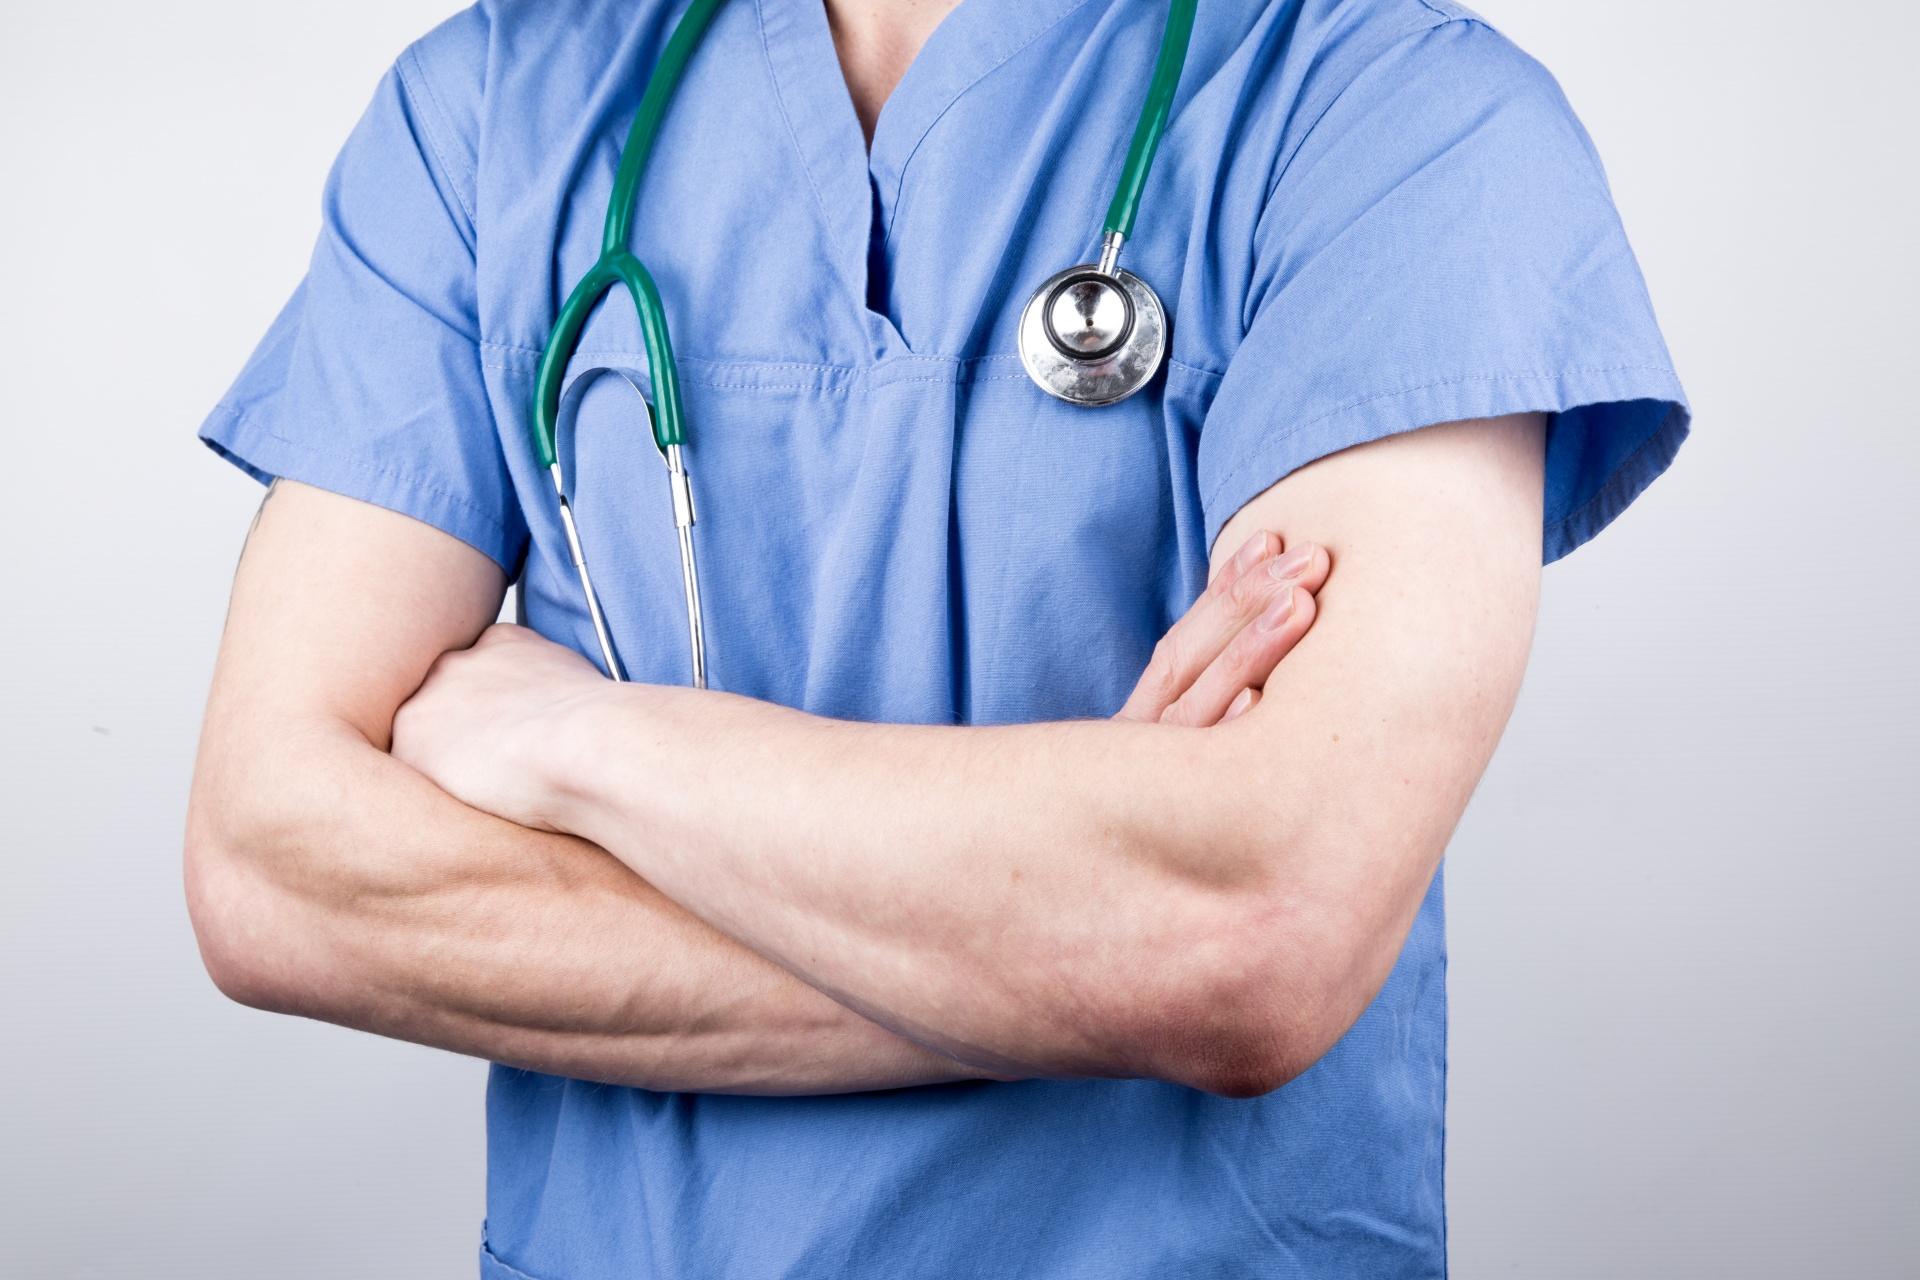 visszérműtét fotó